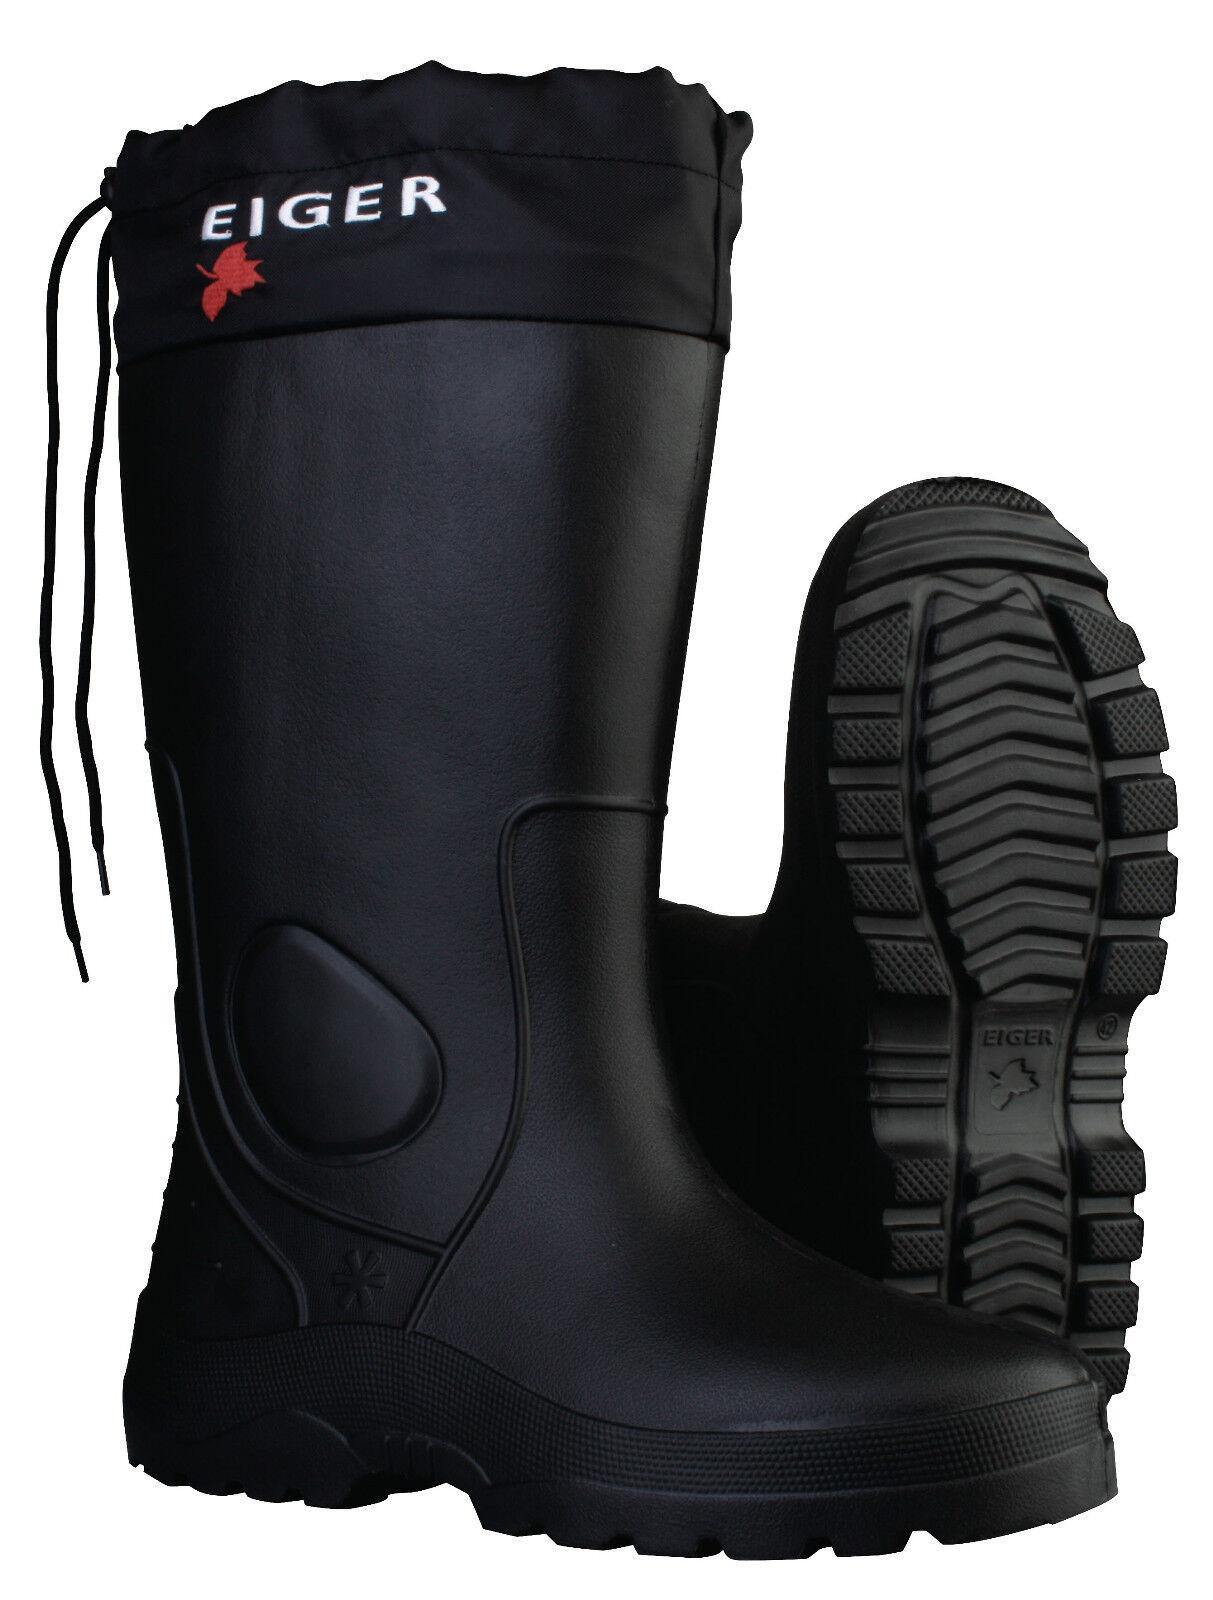 EIGER Lapland Thermo Stiefel Stiefel Stiefel bis -30°C -Größe wählbar- Thermostiefel Winterstiefel 3a4114